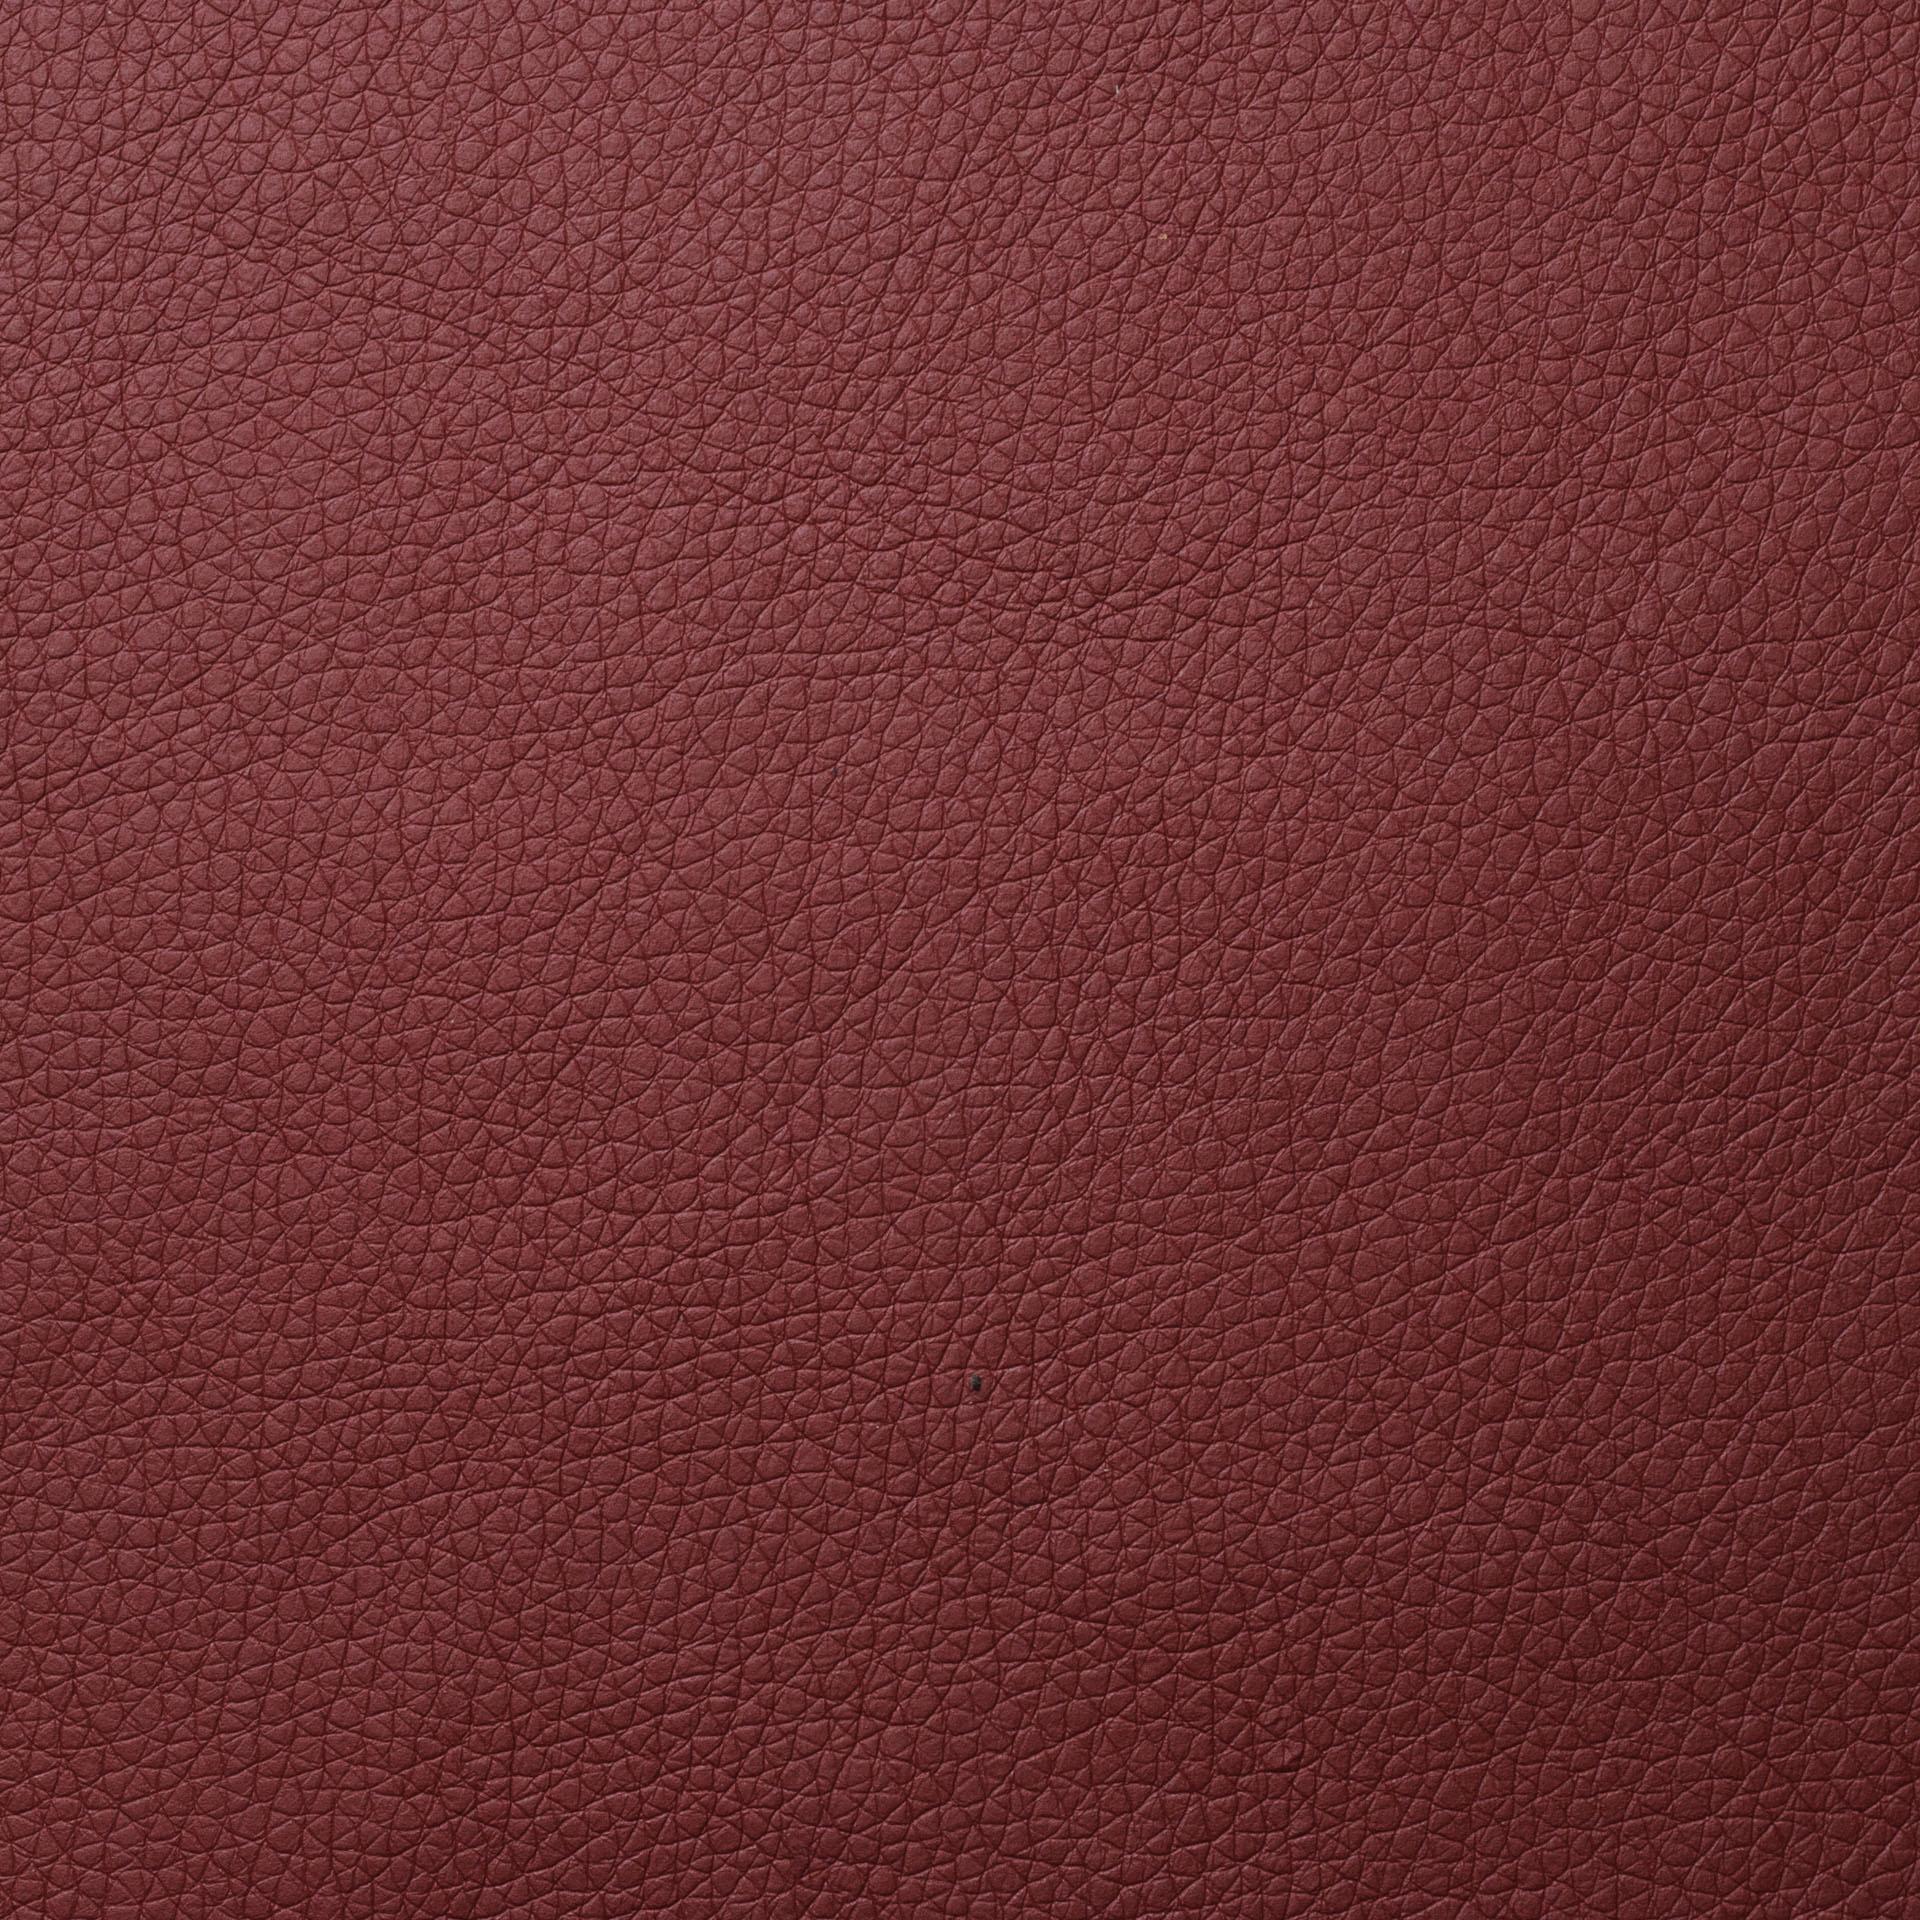 Коллекция ткани Флай 2223,  купить ткань Кож зам для мебели Украина